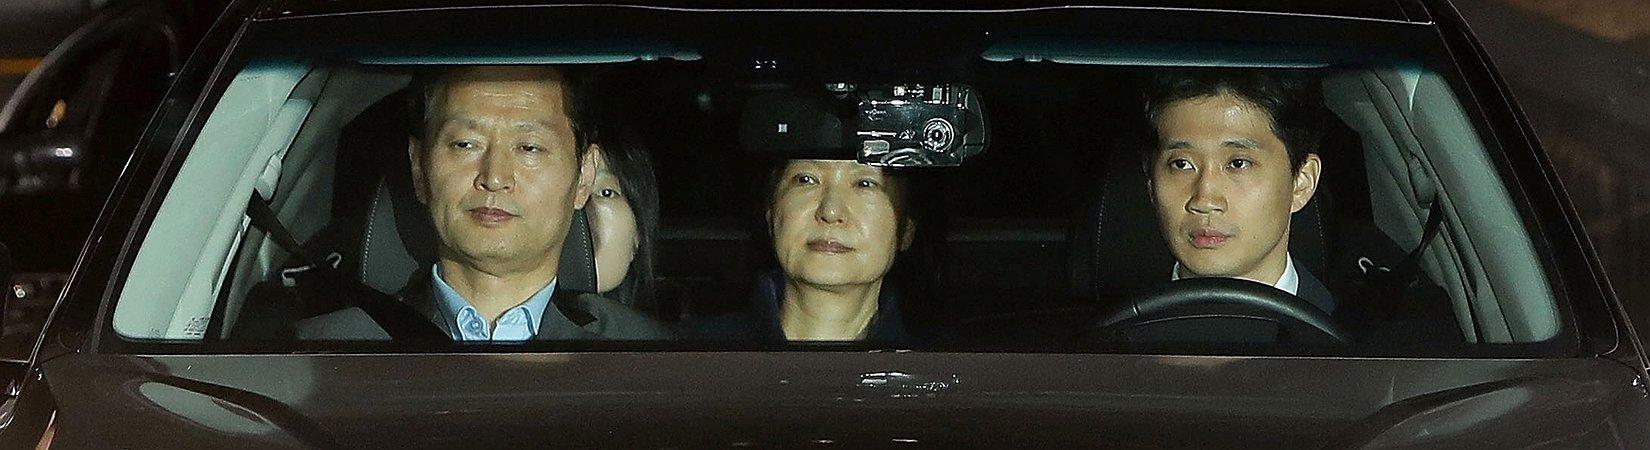 Coreia do Sul emitiu mandato de prisão para a sua presidente alvo de impedimento legal para governar